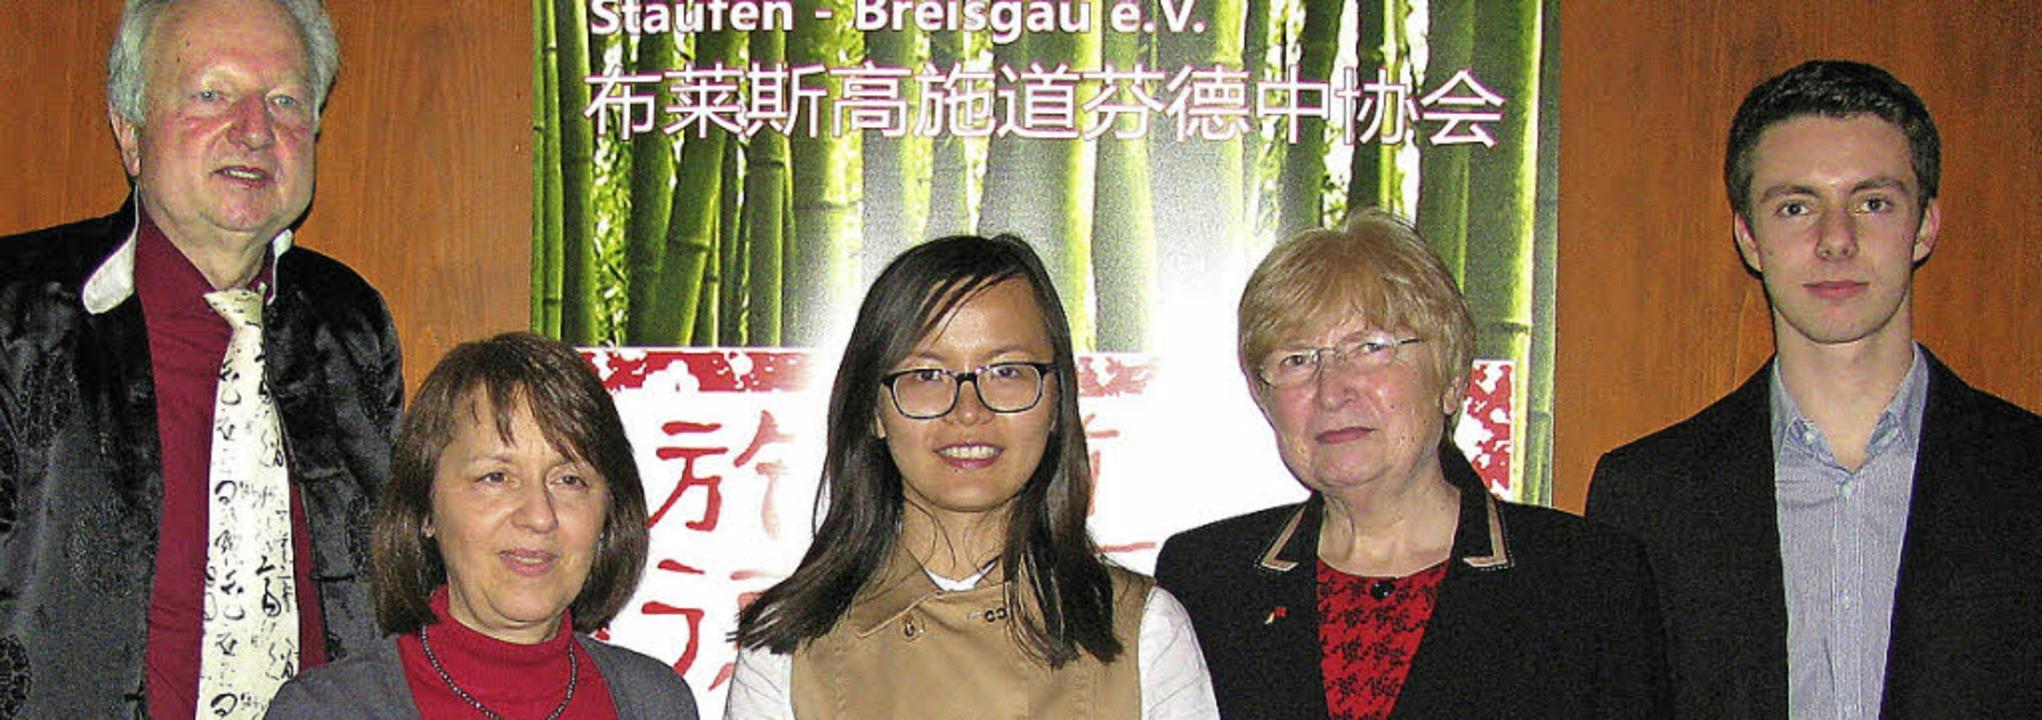 Der Vorstand der Deutsch-Chinesischen ...Wang, Marlise Kasper und Hannes Walzer  | Foto: Manfred Lange